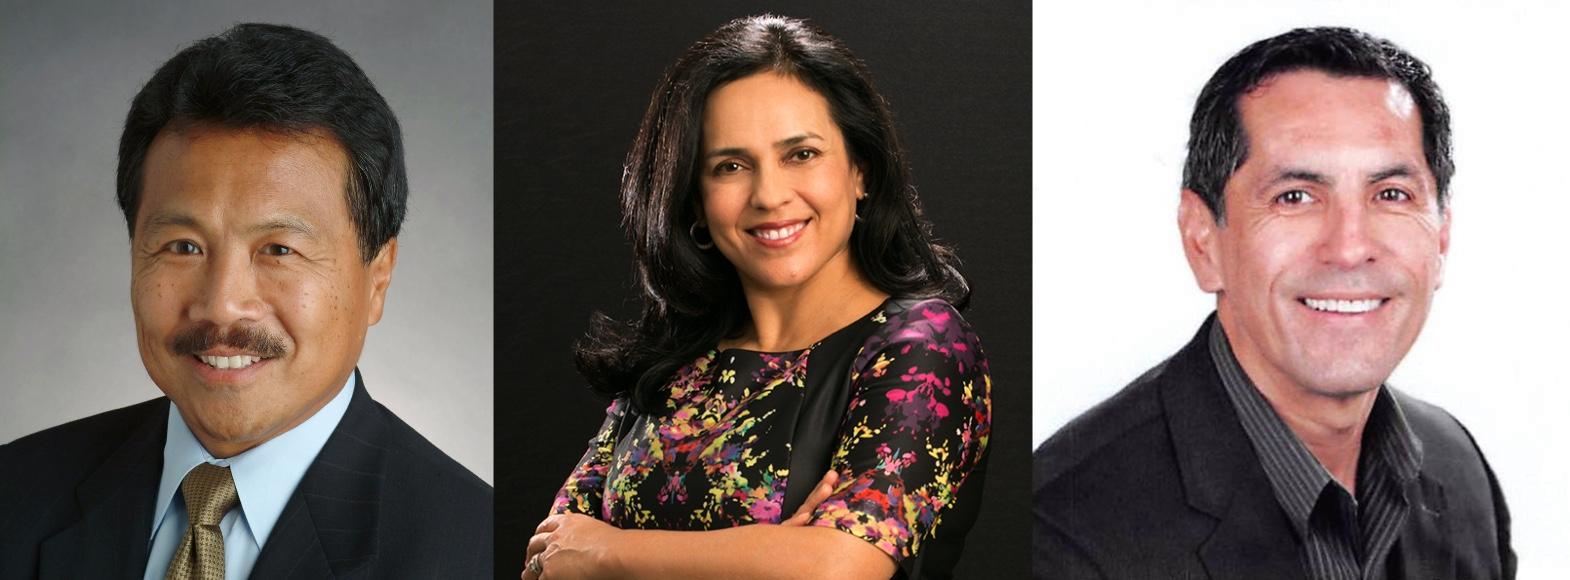 Noche de Gala 2019 honorees: Bill Tamayo, Beatriz Mejia, and Sergio Garcia